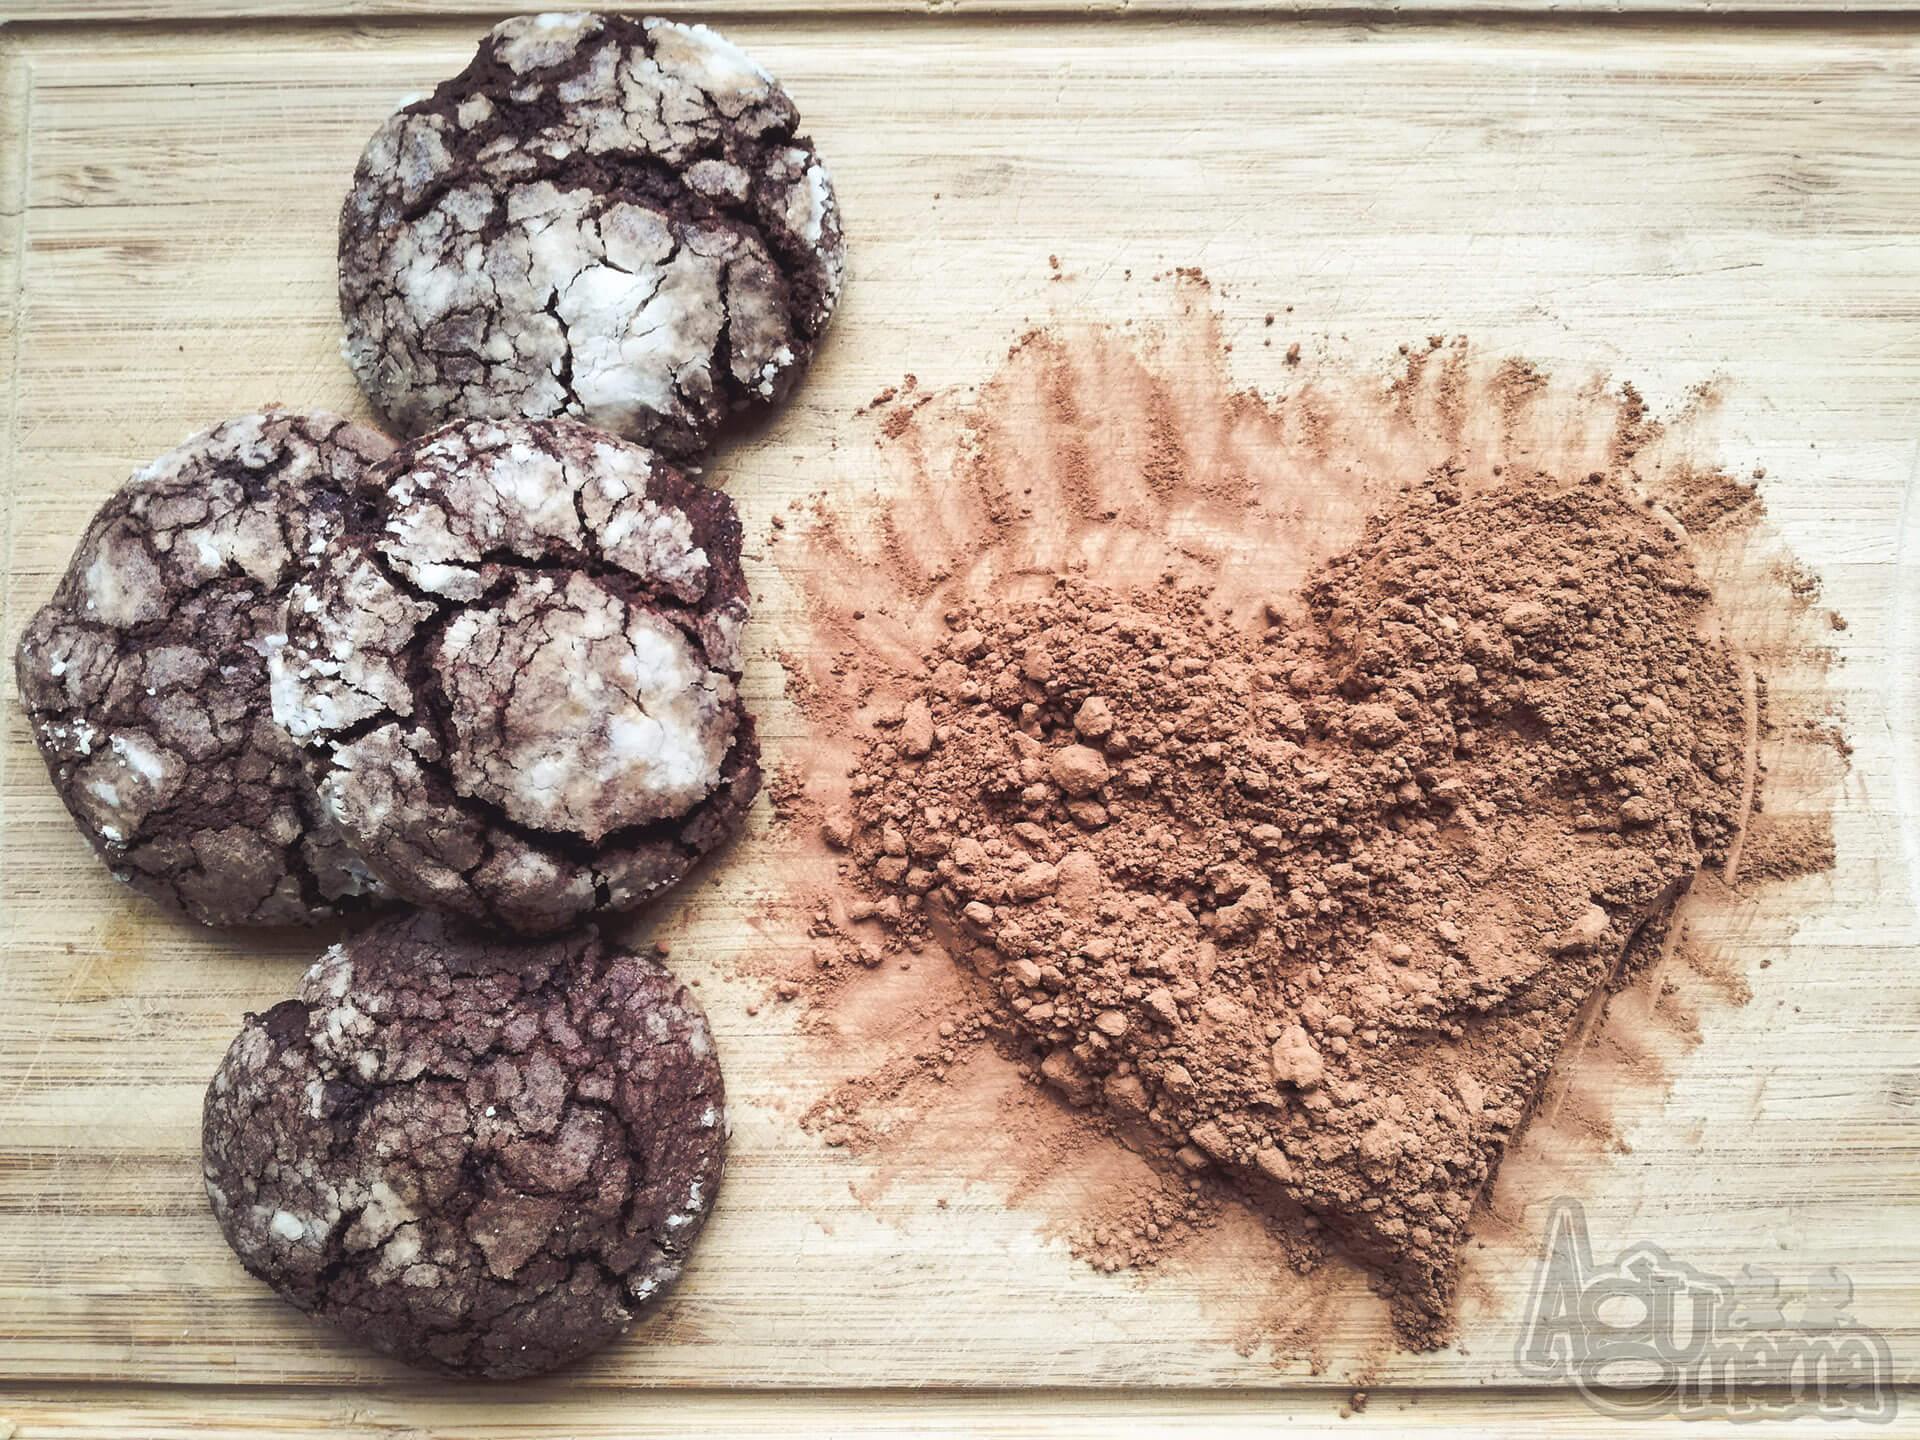 popękane ciasteczka czekoladowe tytułowe